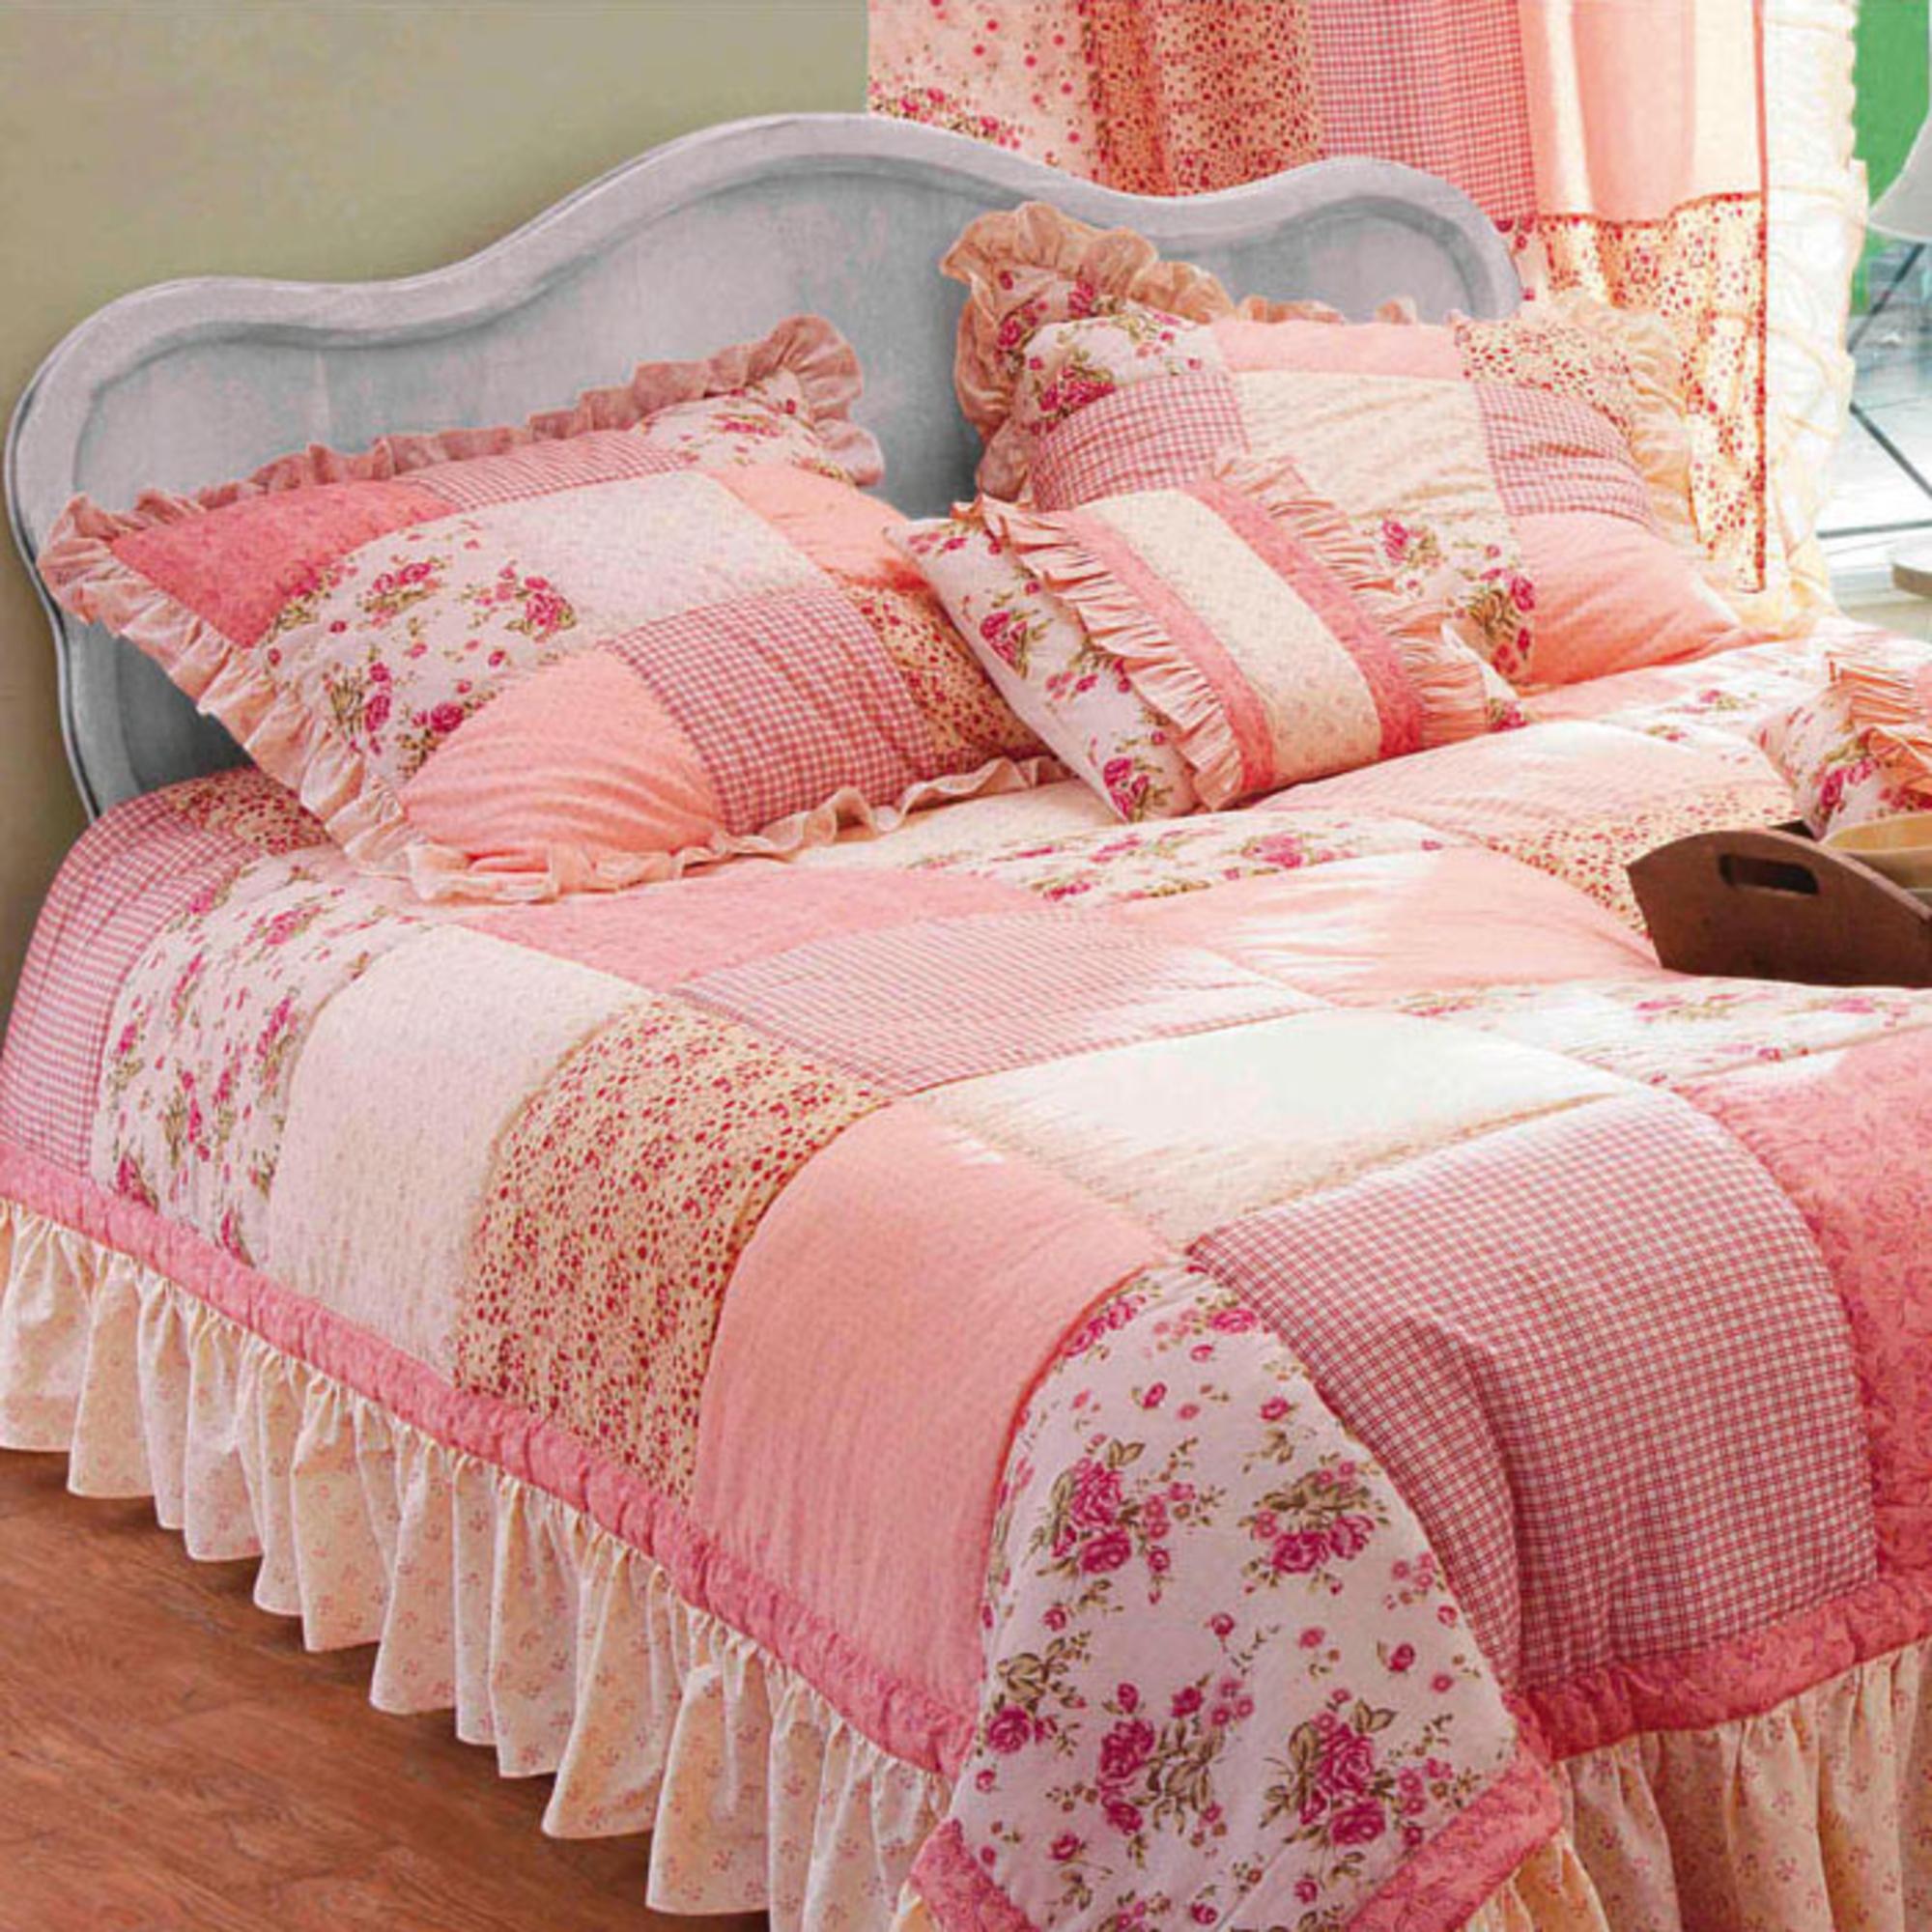 Lot de 2 housses de coussin patchwork ad le rose - Housse de coussin patchwork ...